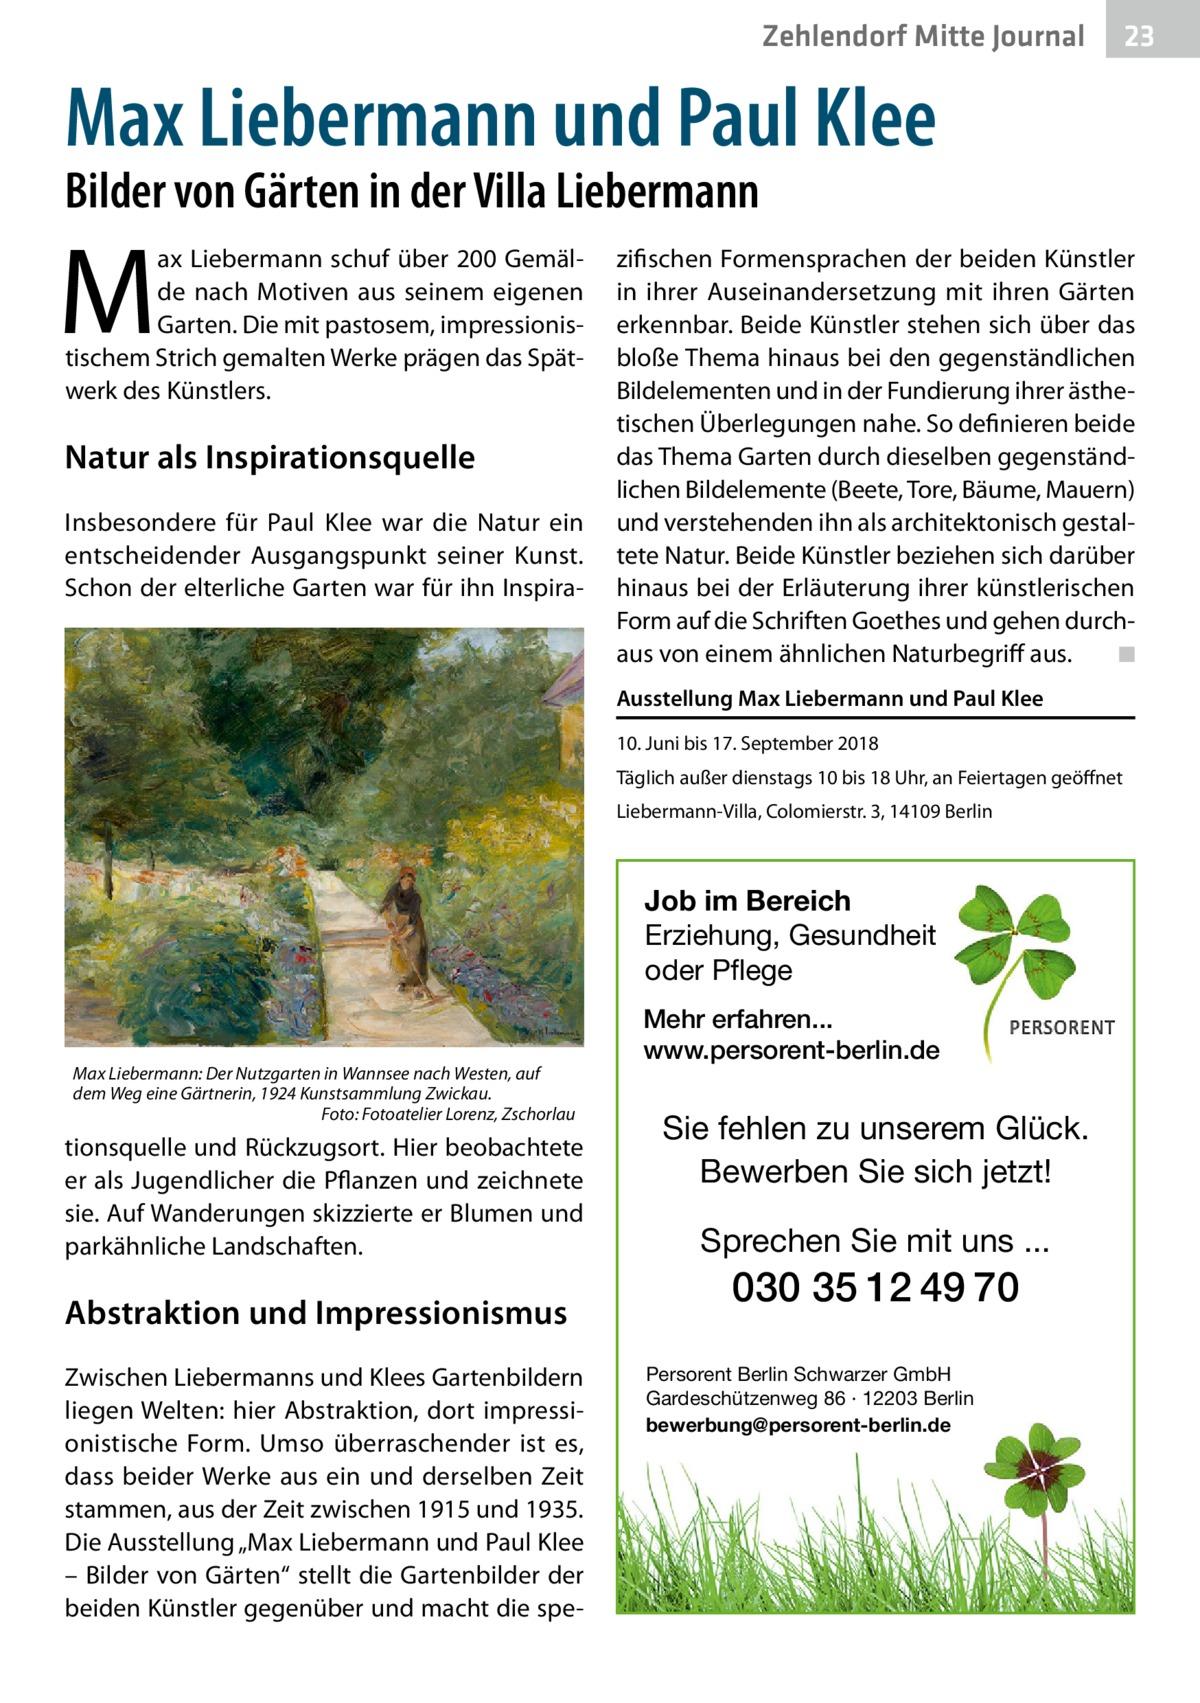 """Ratgeber Zehlendorf Mitte Journal 23  Max Liebermann und Paul Klee Bilder von Gärten in der Villa Liebermann  M  ax Liebermann schuf über 200Gemälde nach Motiven aus seinem eigenen Garten. Die mit pastosem, impressionistischem Strich gemalten Werke prägen das Spätwerk des Künstlers.  Natur als Inspirationsquelle Insbesondere für Paul Klee war die Natur ein entscheidender Ausgangspunkt seiner Kunst. Schon der elterliche Garten war für ihn Inspira zifischen Formensprachen der beiden Künstler in ihrer Auseinandersetzung mit ihren Gärten erkennbar. Beide Künstler stehen sich über das bloße Thema hinaus bei den gegenständlichen Bildelementen und in der Fundierung ihrer ästhetischen Überlegungen nahe. So definieren beide das Thema Garten durch dieselben gegenständlichen Bildelemente (Beete, Tore, Bäume, Mauern) und verstehenden ihn als architektonisch gestaltete Natur. Beide Künstler beziehen sich darüber hinaus bei der Erläuterung ihrer künstlerischen Form auf die Schriften Goethes und gehen durchaus von einem ähnlichen Naturbegriff aus.� ◾ Ausstellung Max Liebermann und Paul Klee 10.Juni bis 17.September 2018 Täglich außer dienstags 10 bis 18Uhr, an Feiertagen geöffnet Liebermann-Villa, Colomierstr.3, 14109Berlin  Job im Bereich Erziehung, Gesundheit oder Pflege  Max Liebermann: Der Nutzgarten in Wannsee nach Westen, auf dem Weg eine Gärtnerin, 1924 Kunstsammlung Zwickau. � Foto: Fotoatelier Lorenz, Zschorlau  tionsquelle und Rückzugsort. Hier beobachtete er als Jugendlicher die Pflanzen und zeichnete sie. Auf Wanderungen skizzierte er Blumen und parkähnliche Landschaften.  Abstraktion und Impressionismus Zwischen Liebermanns und Klees Gartenbildern liegen Welten: hier Abstraktion, dort impressionistische Form. Umso überraschender ist es, dass beider Werke aus ein und derselben Zeit stammen, aus der Zeit zwischen 1915 und 1935. Die Ausstellung """"Max Liebermann und Paul Klee – Bilder von Gärten"""" stellt die Gartenbilder der beiden Künstler gegenüber und macht die spe Mehr """